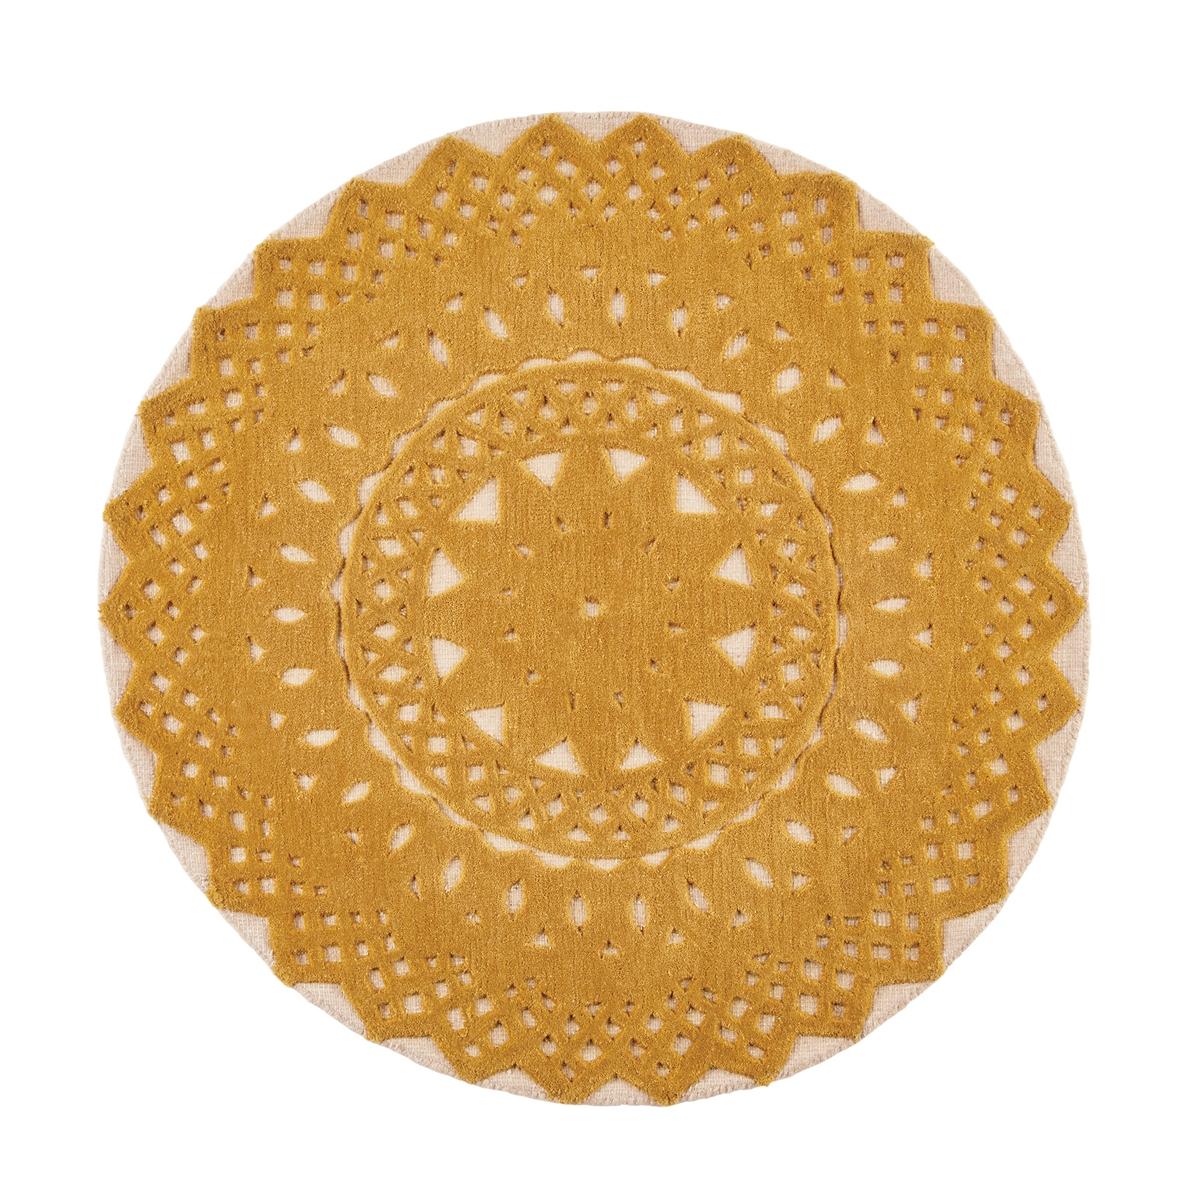 Ковер La Redoute Круглый из шерсти диаметр 120 см желтый ковер la redoute горизонтального плетения с рисунком цементная плитка iswik 120 x 170 см бежевый